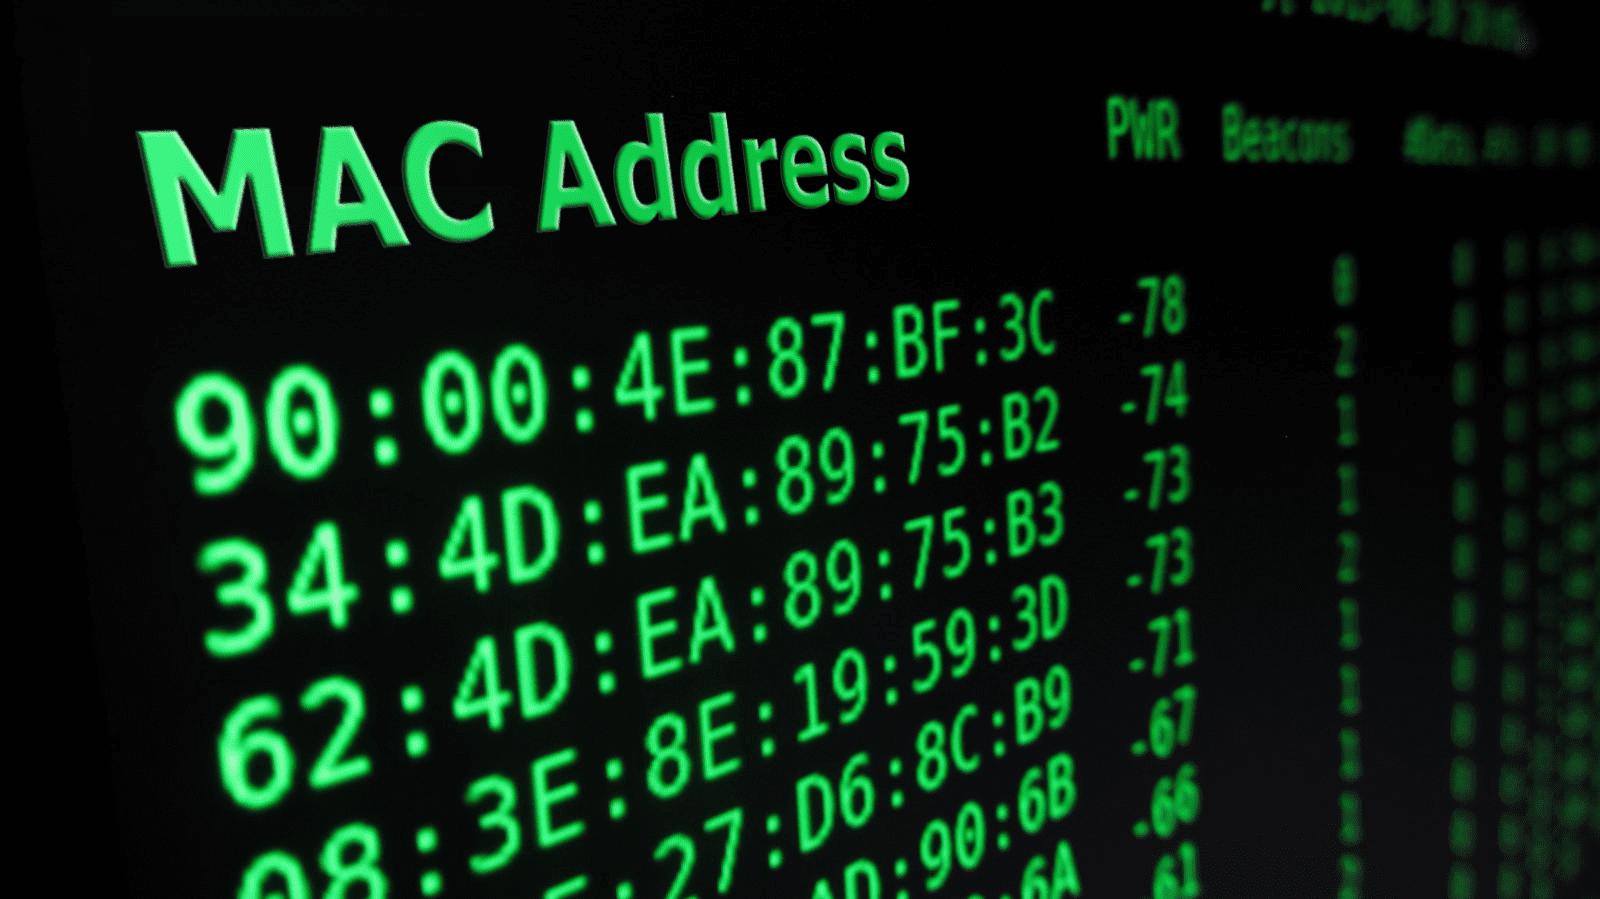 طریقه یافتن Mac Address